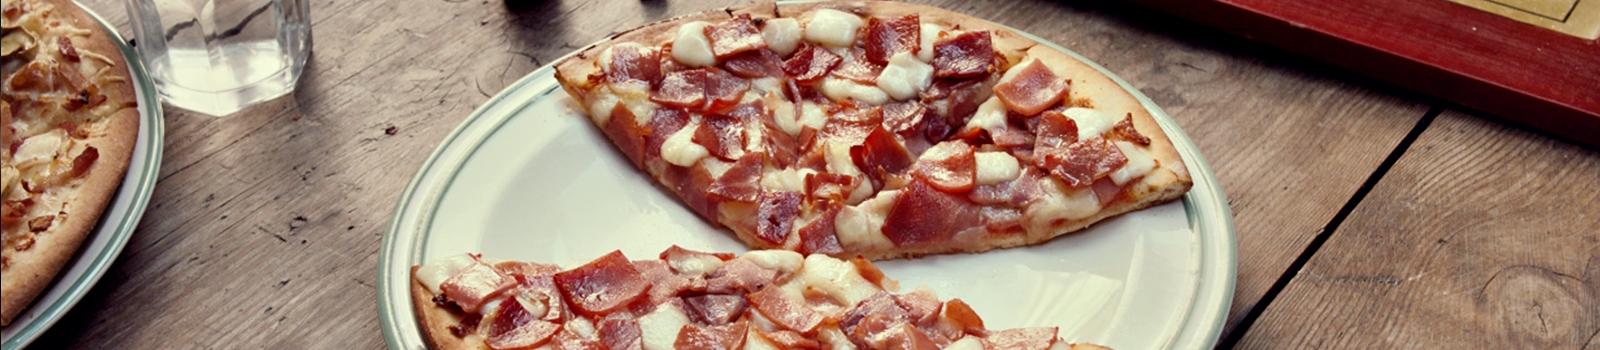 hd-pizza-casa-tarradellas-cuando-la-necesitas-esta